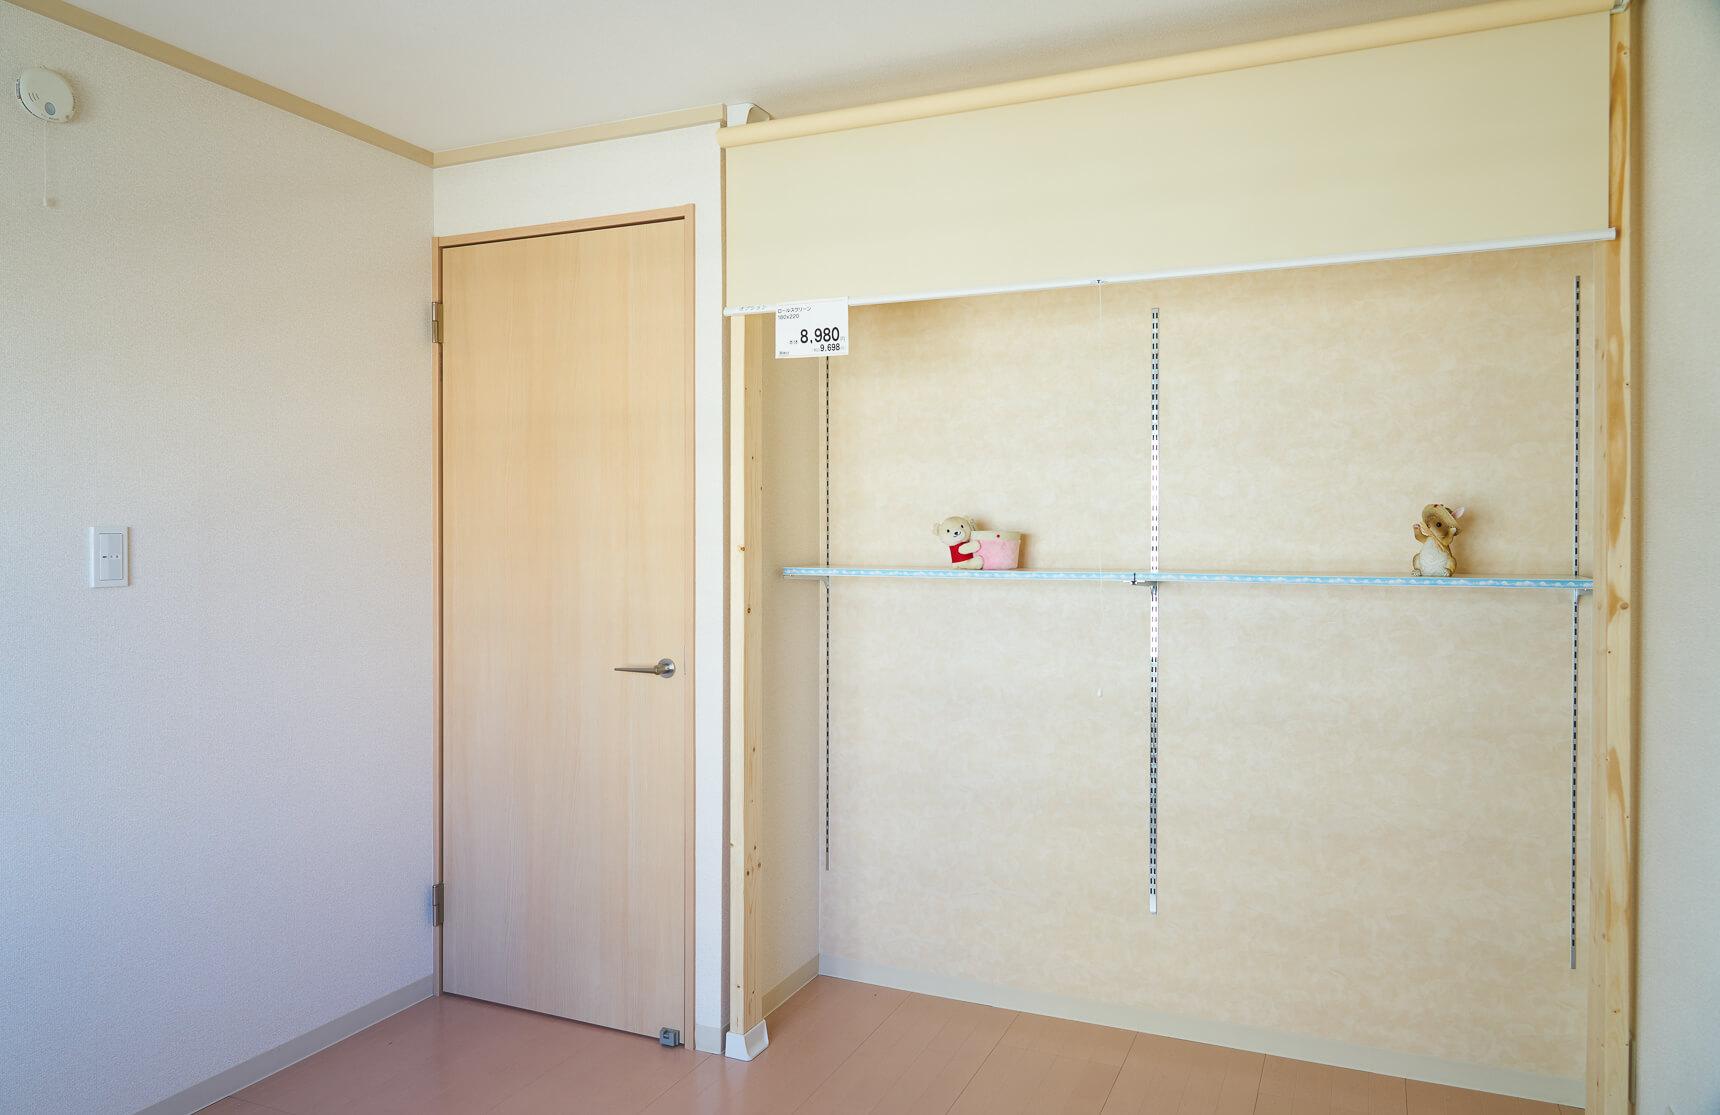 2つあるベッドルームのうちの1つは、あえて作りつけのクローゼットを無くし、自由な空間にしています。収納スペースを思い切って無くしたことで、お部屋が広く使えるようになっていました。